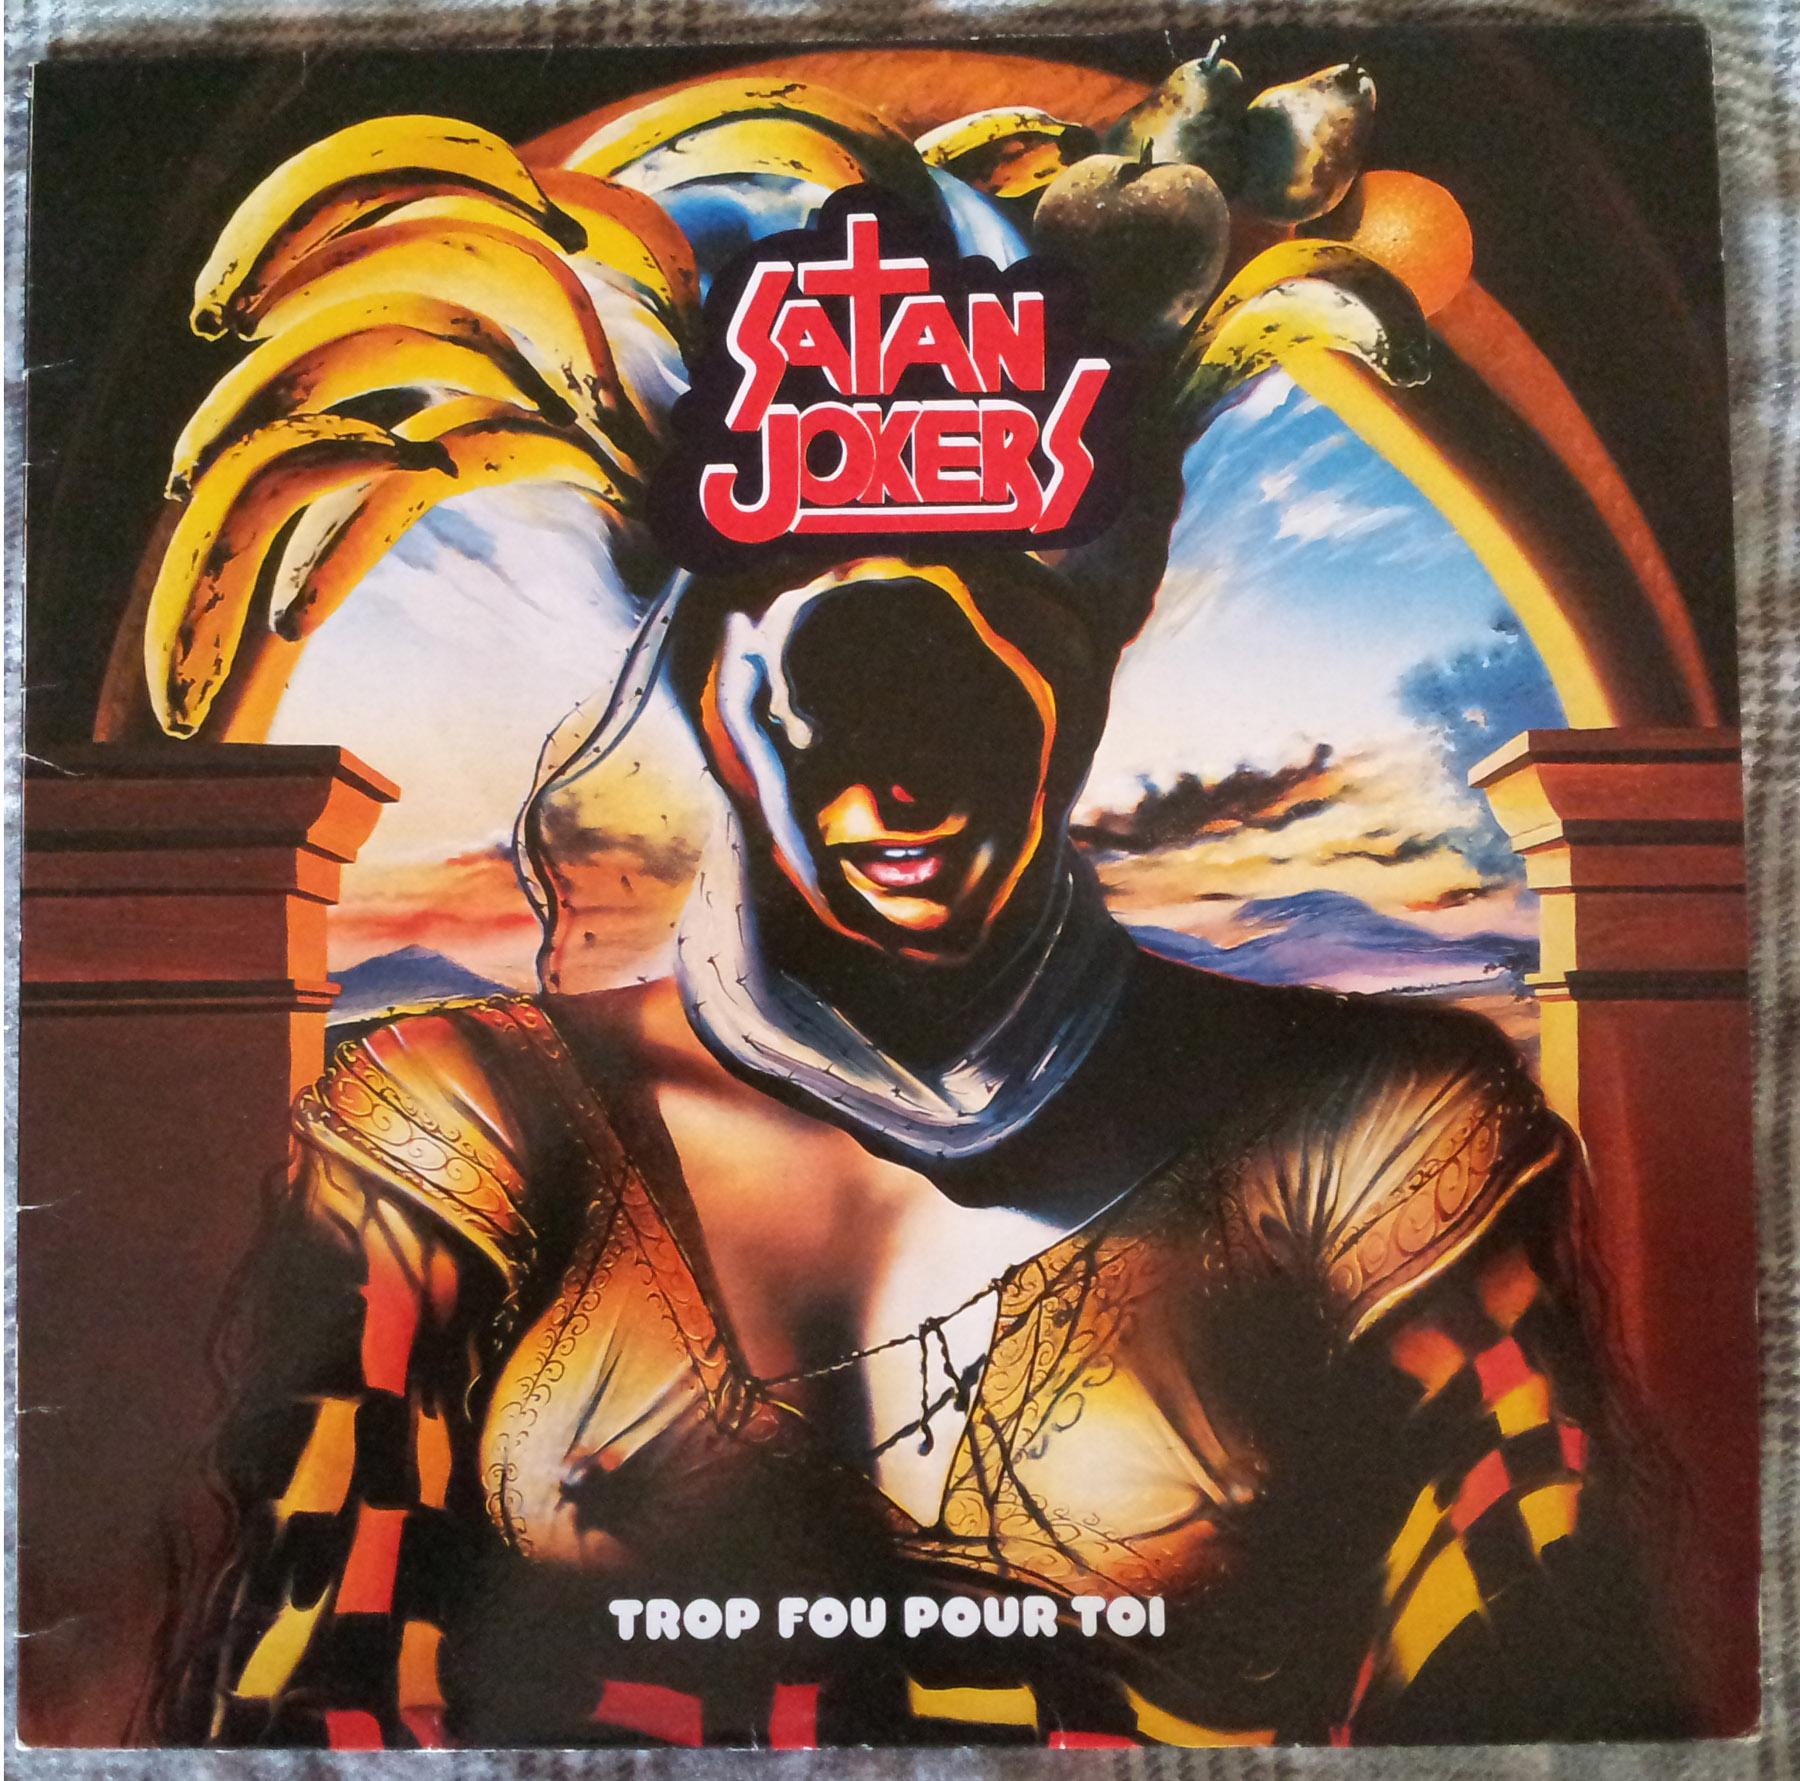 SATAN JOKERS Trop fou pour toi (1984) le vinyle vu de plus près ... 157